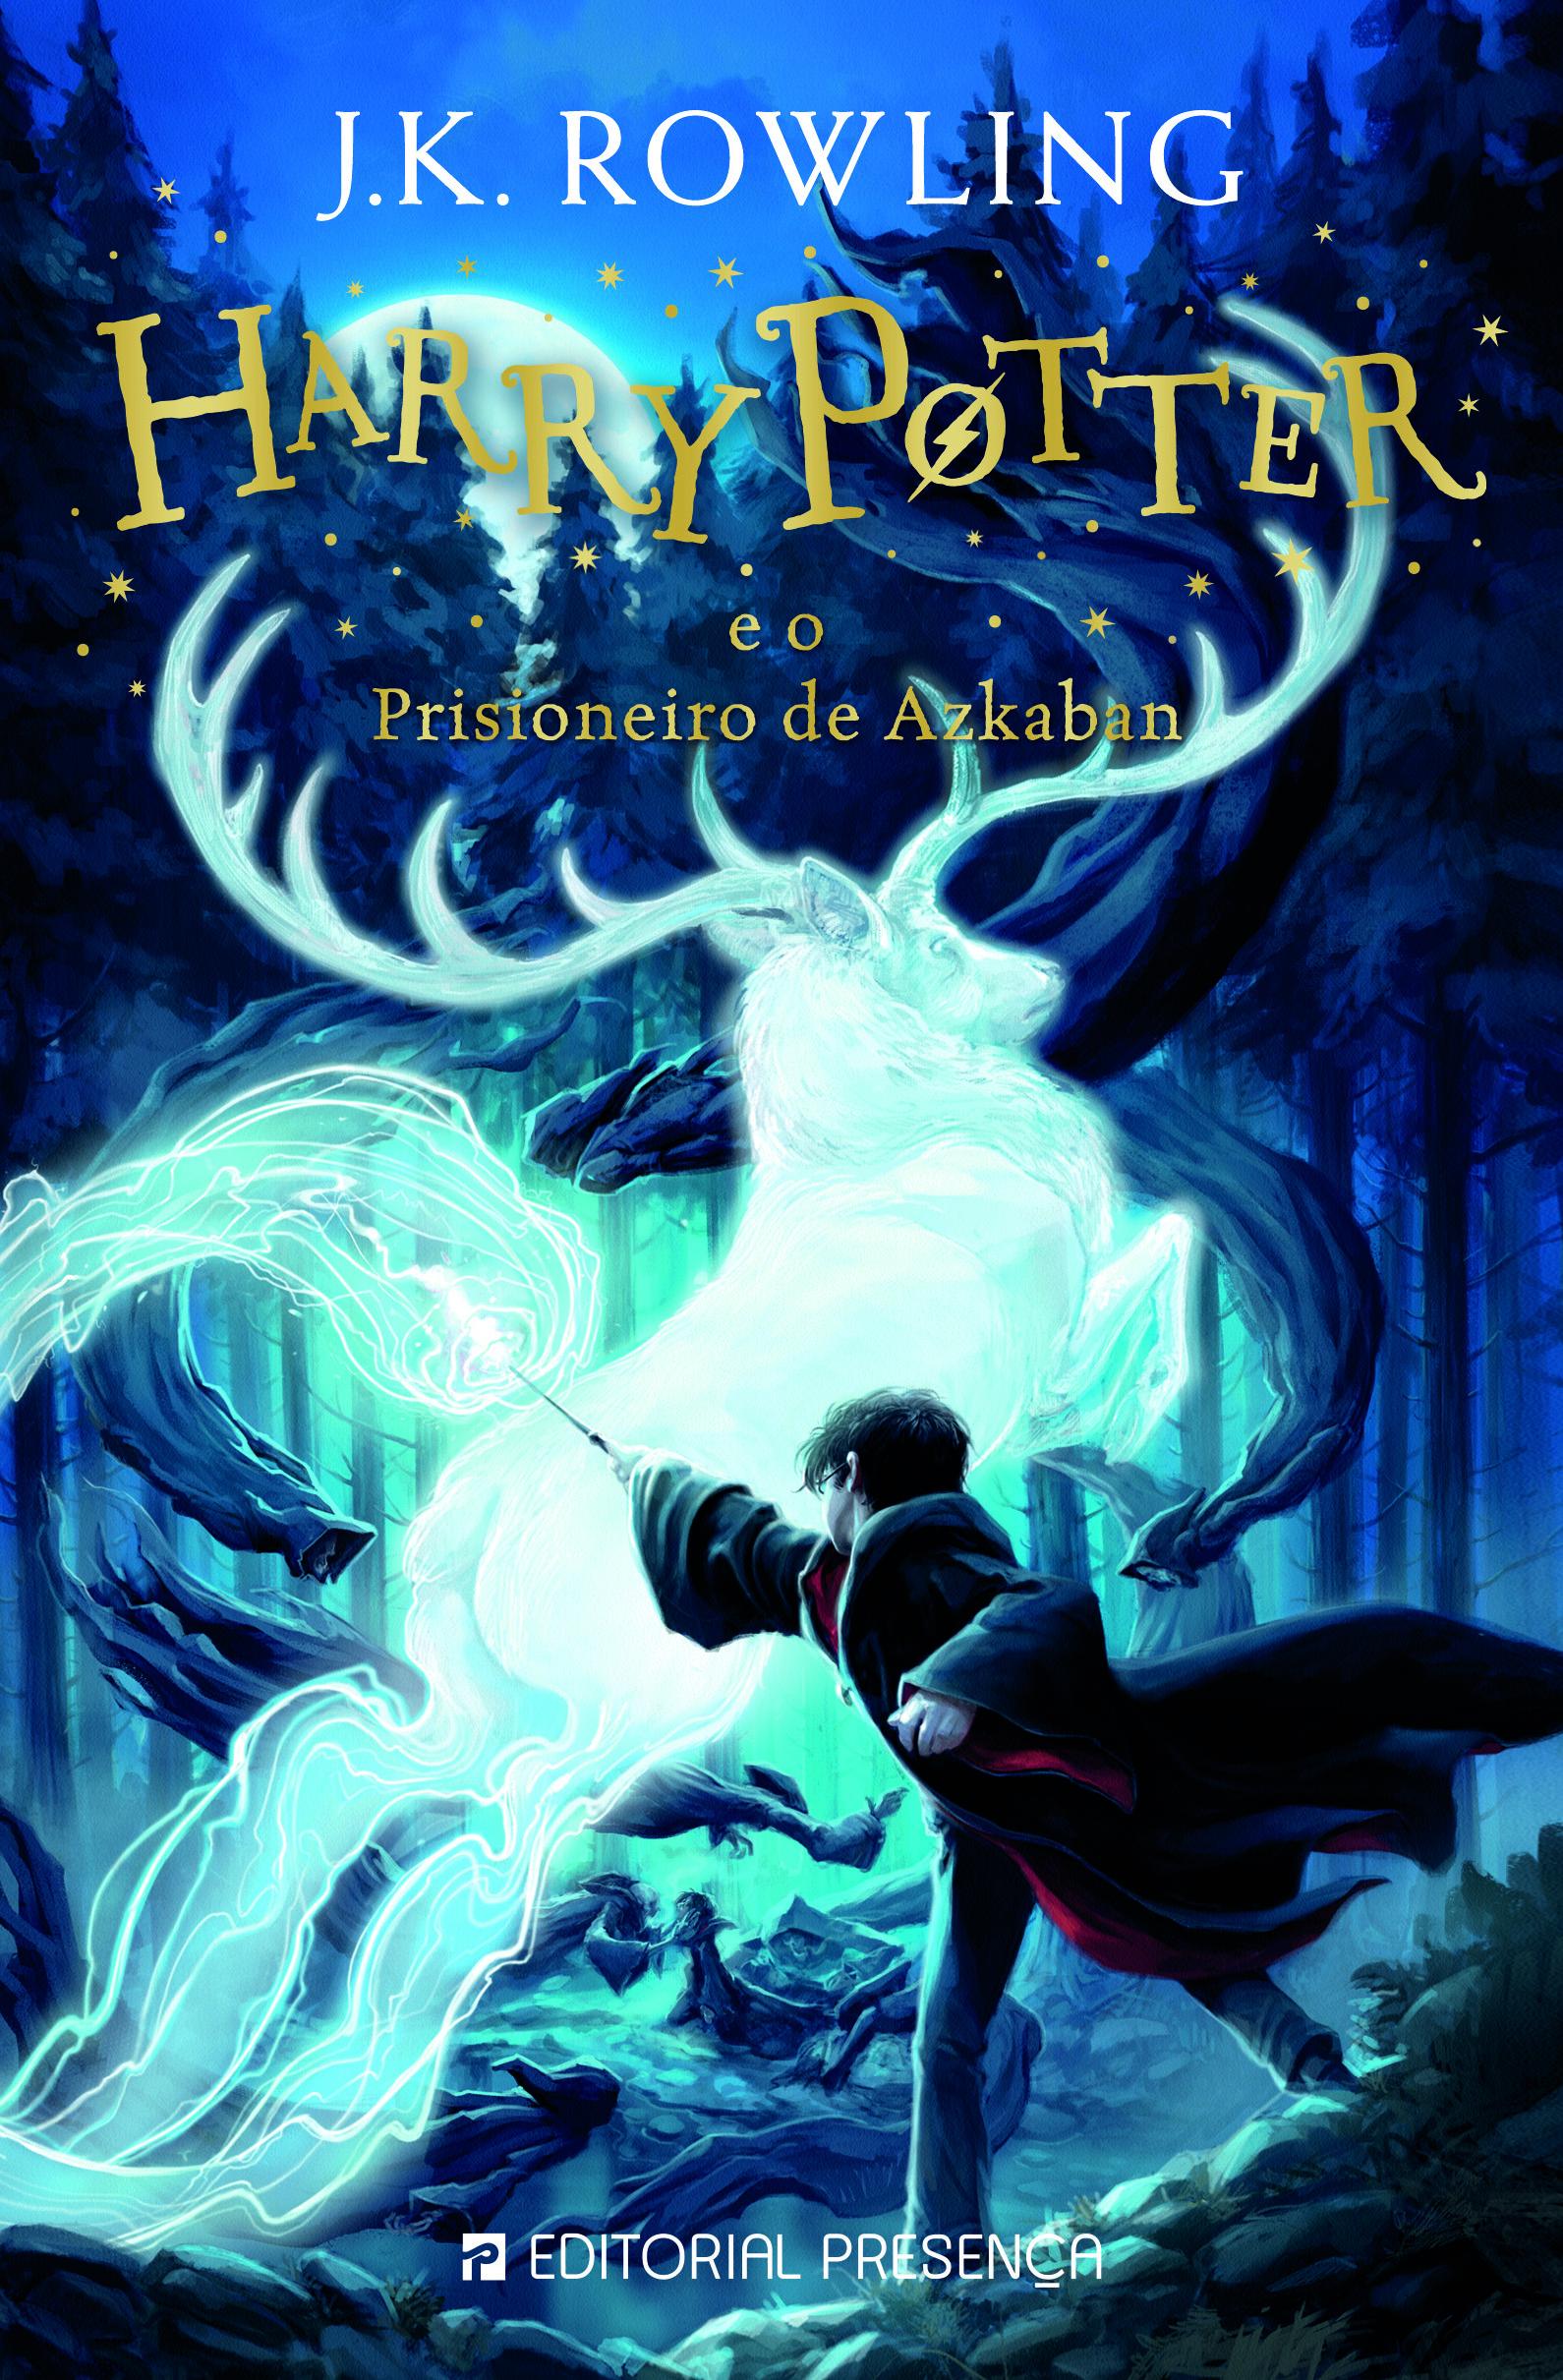 Harry Potter Prisioneiro de Azkaban de J.K. Rowling